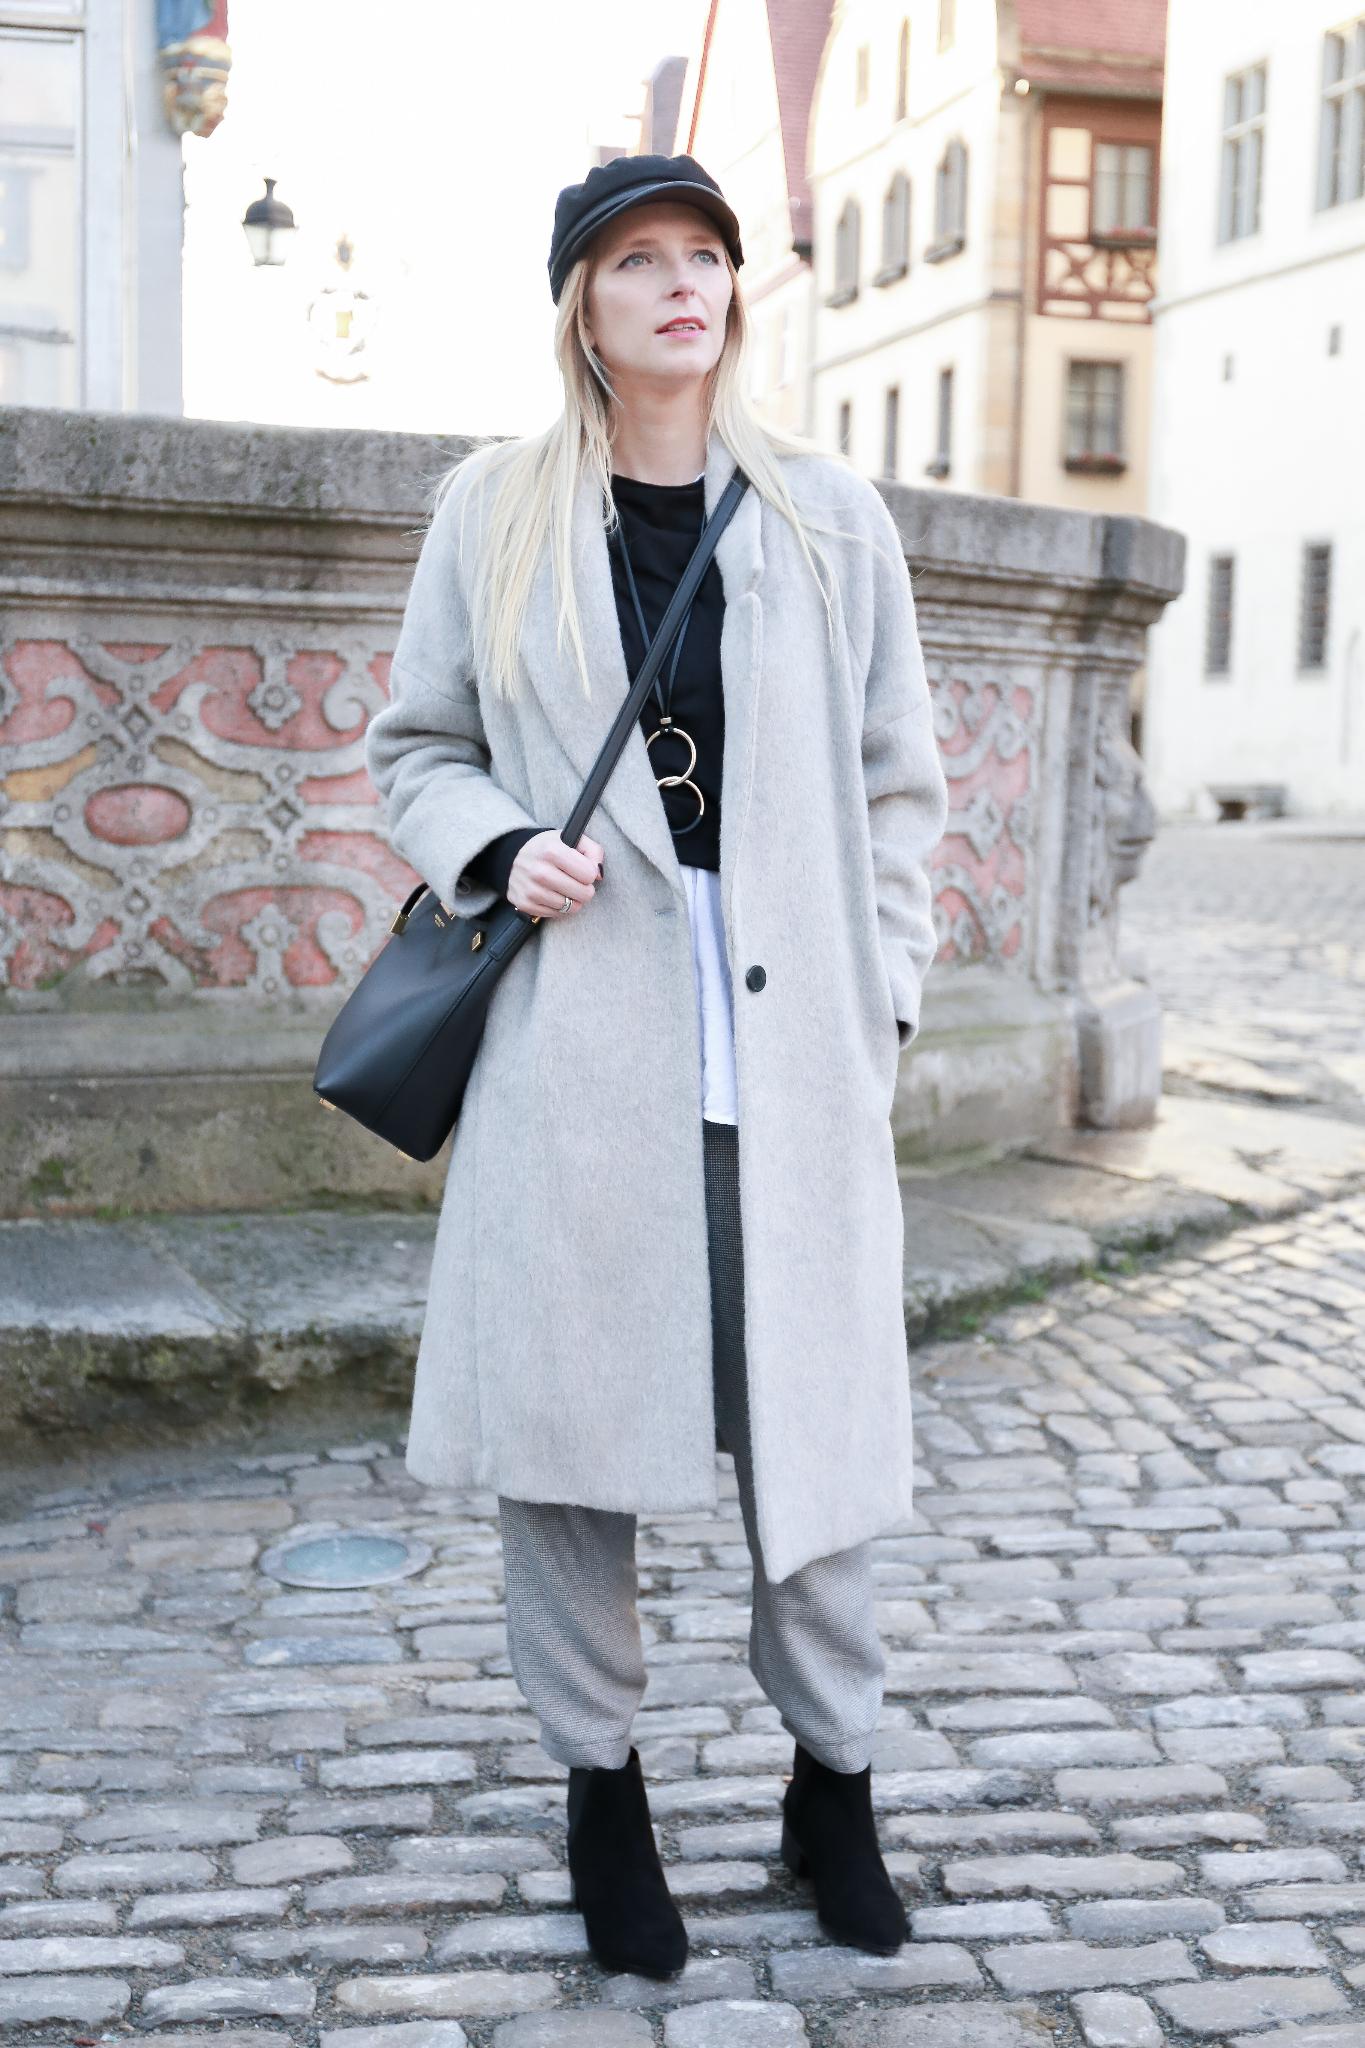 Fashion_Outfit_Michael_Kors_Bucket_Bag-17